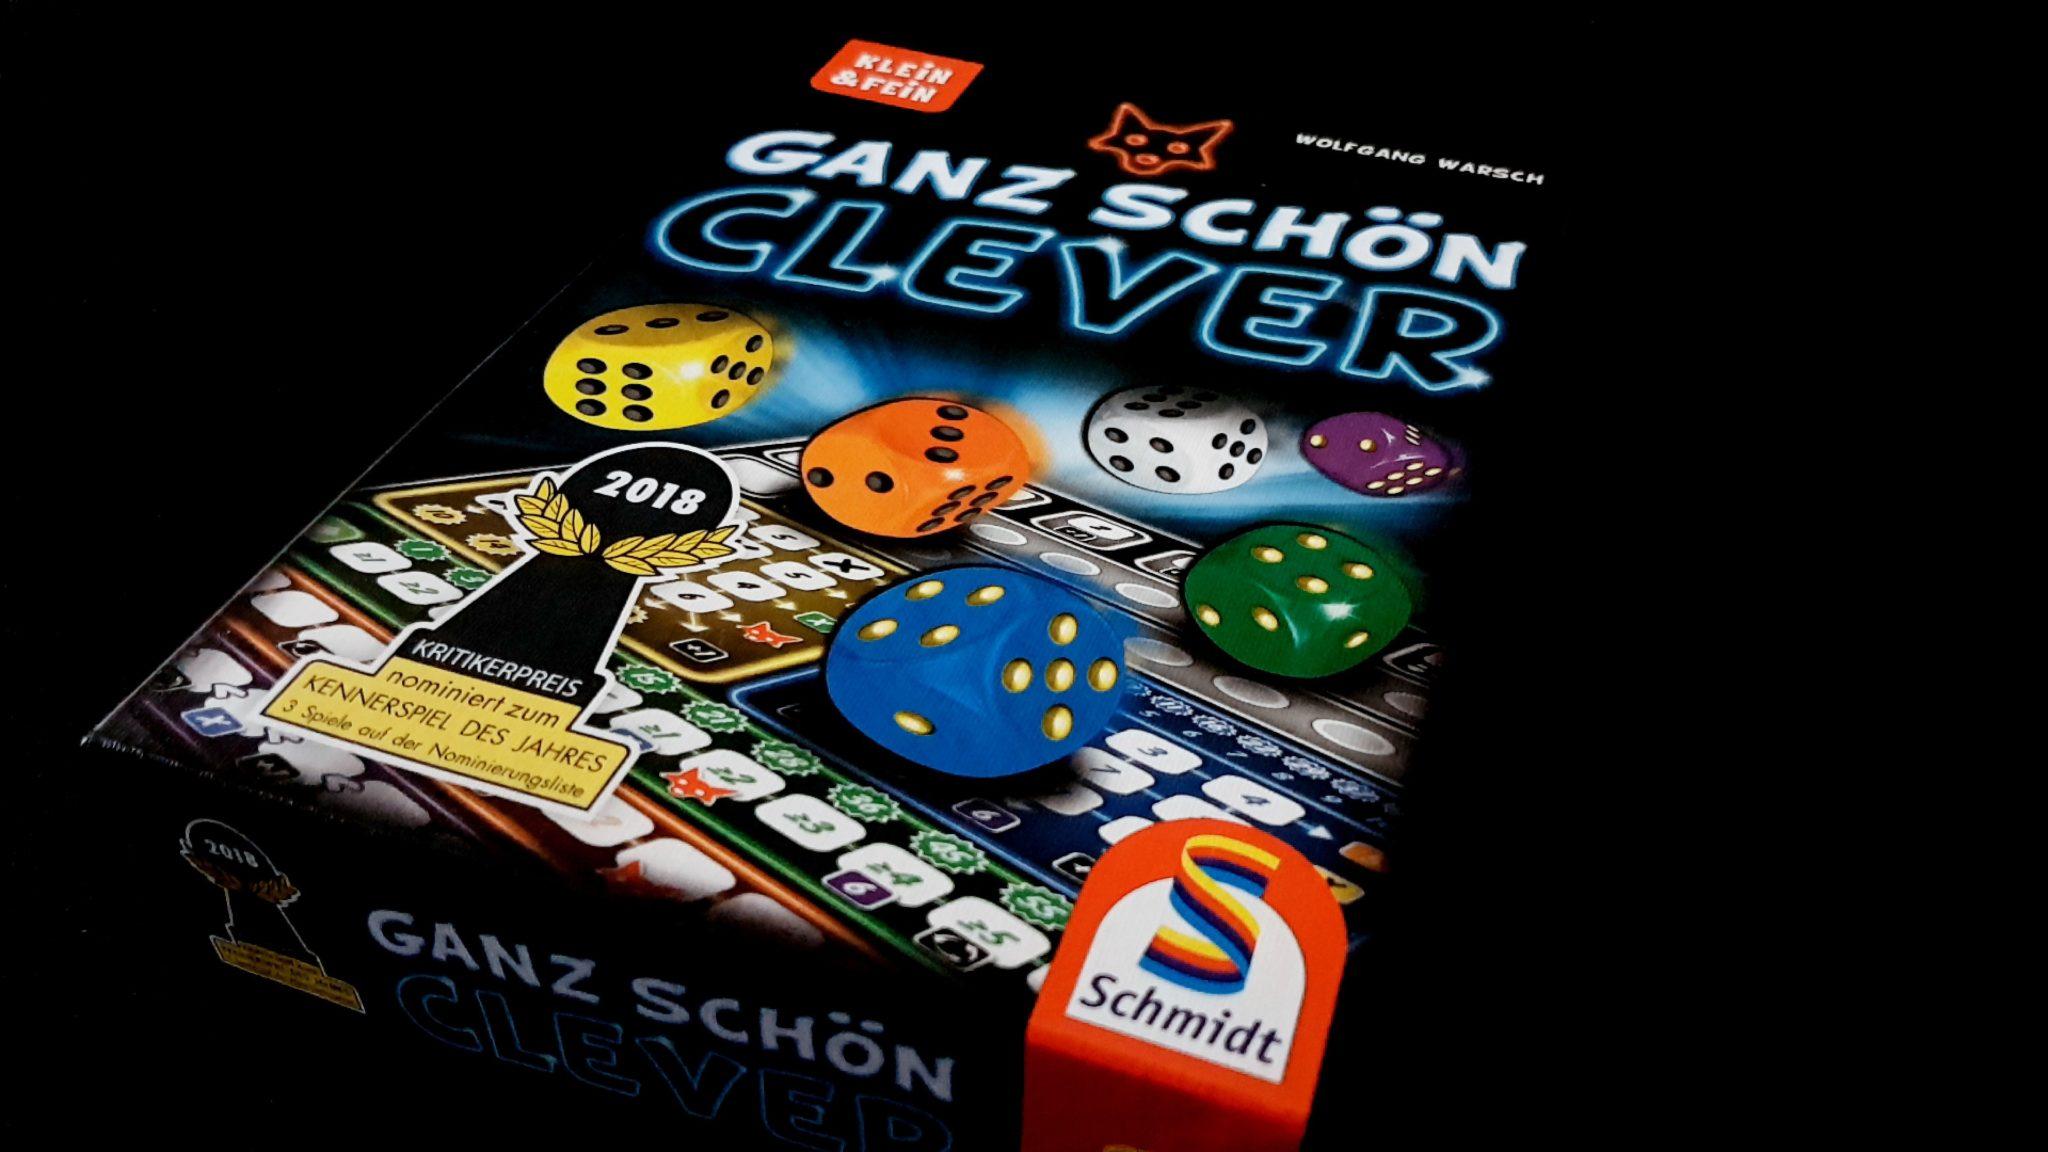 Ganz Schon Clever box